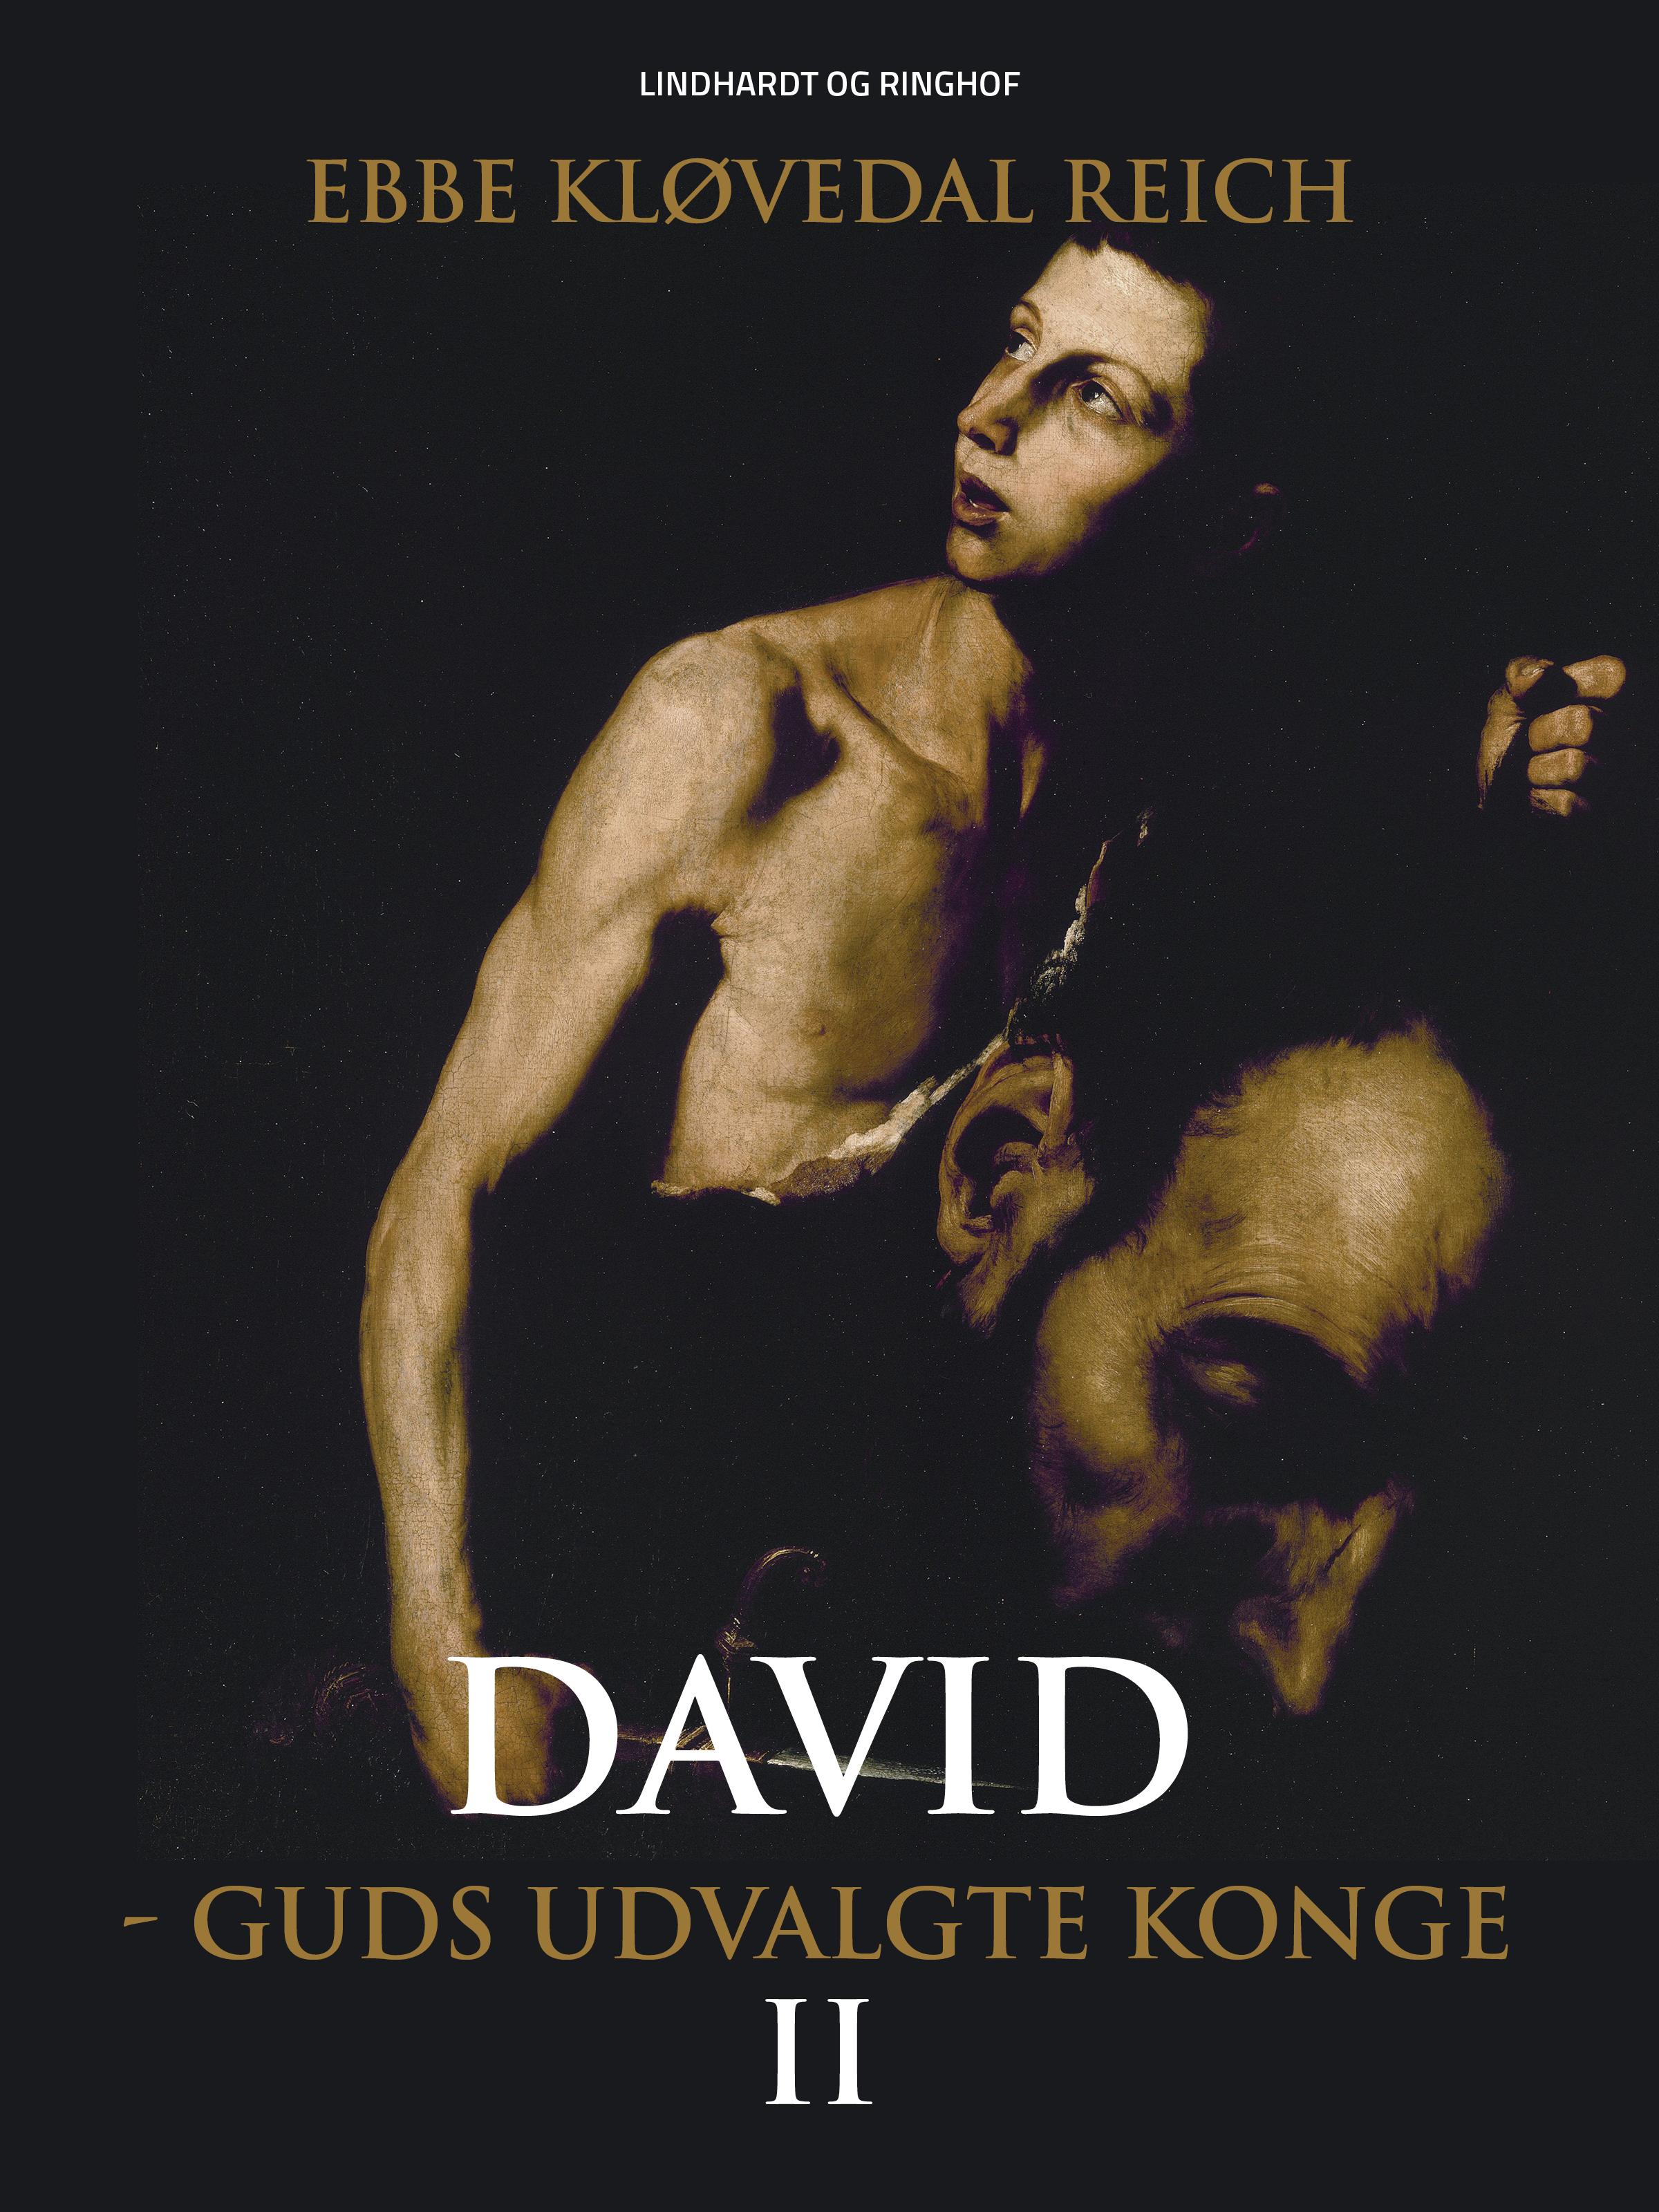 N/A David - guds udvalgte konge (david nr. 2) - e-bog på bog & mystik